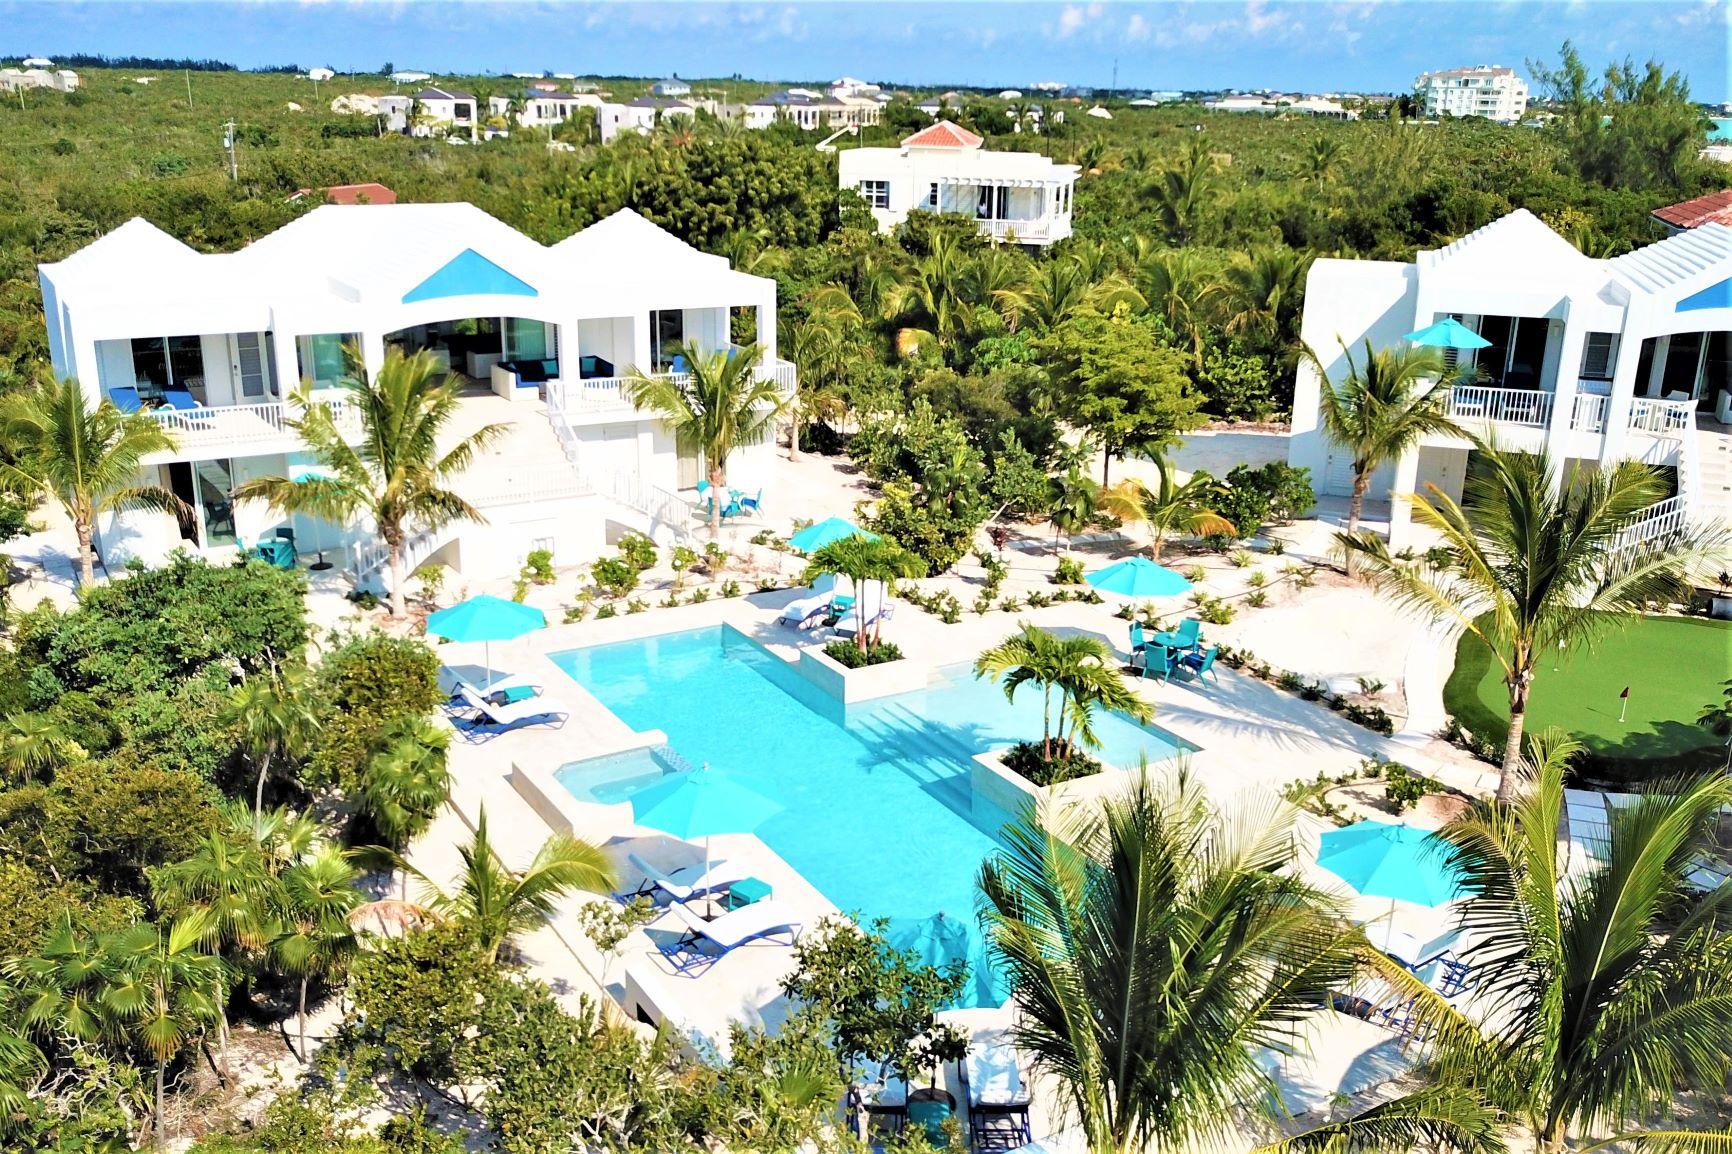 Birdsview of vacation rental Caicias Villas in Turks & Caicos